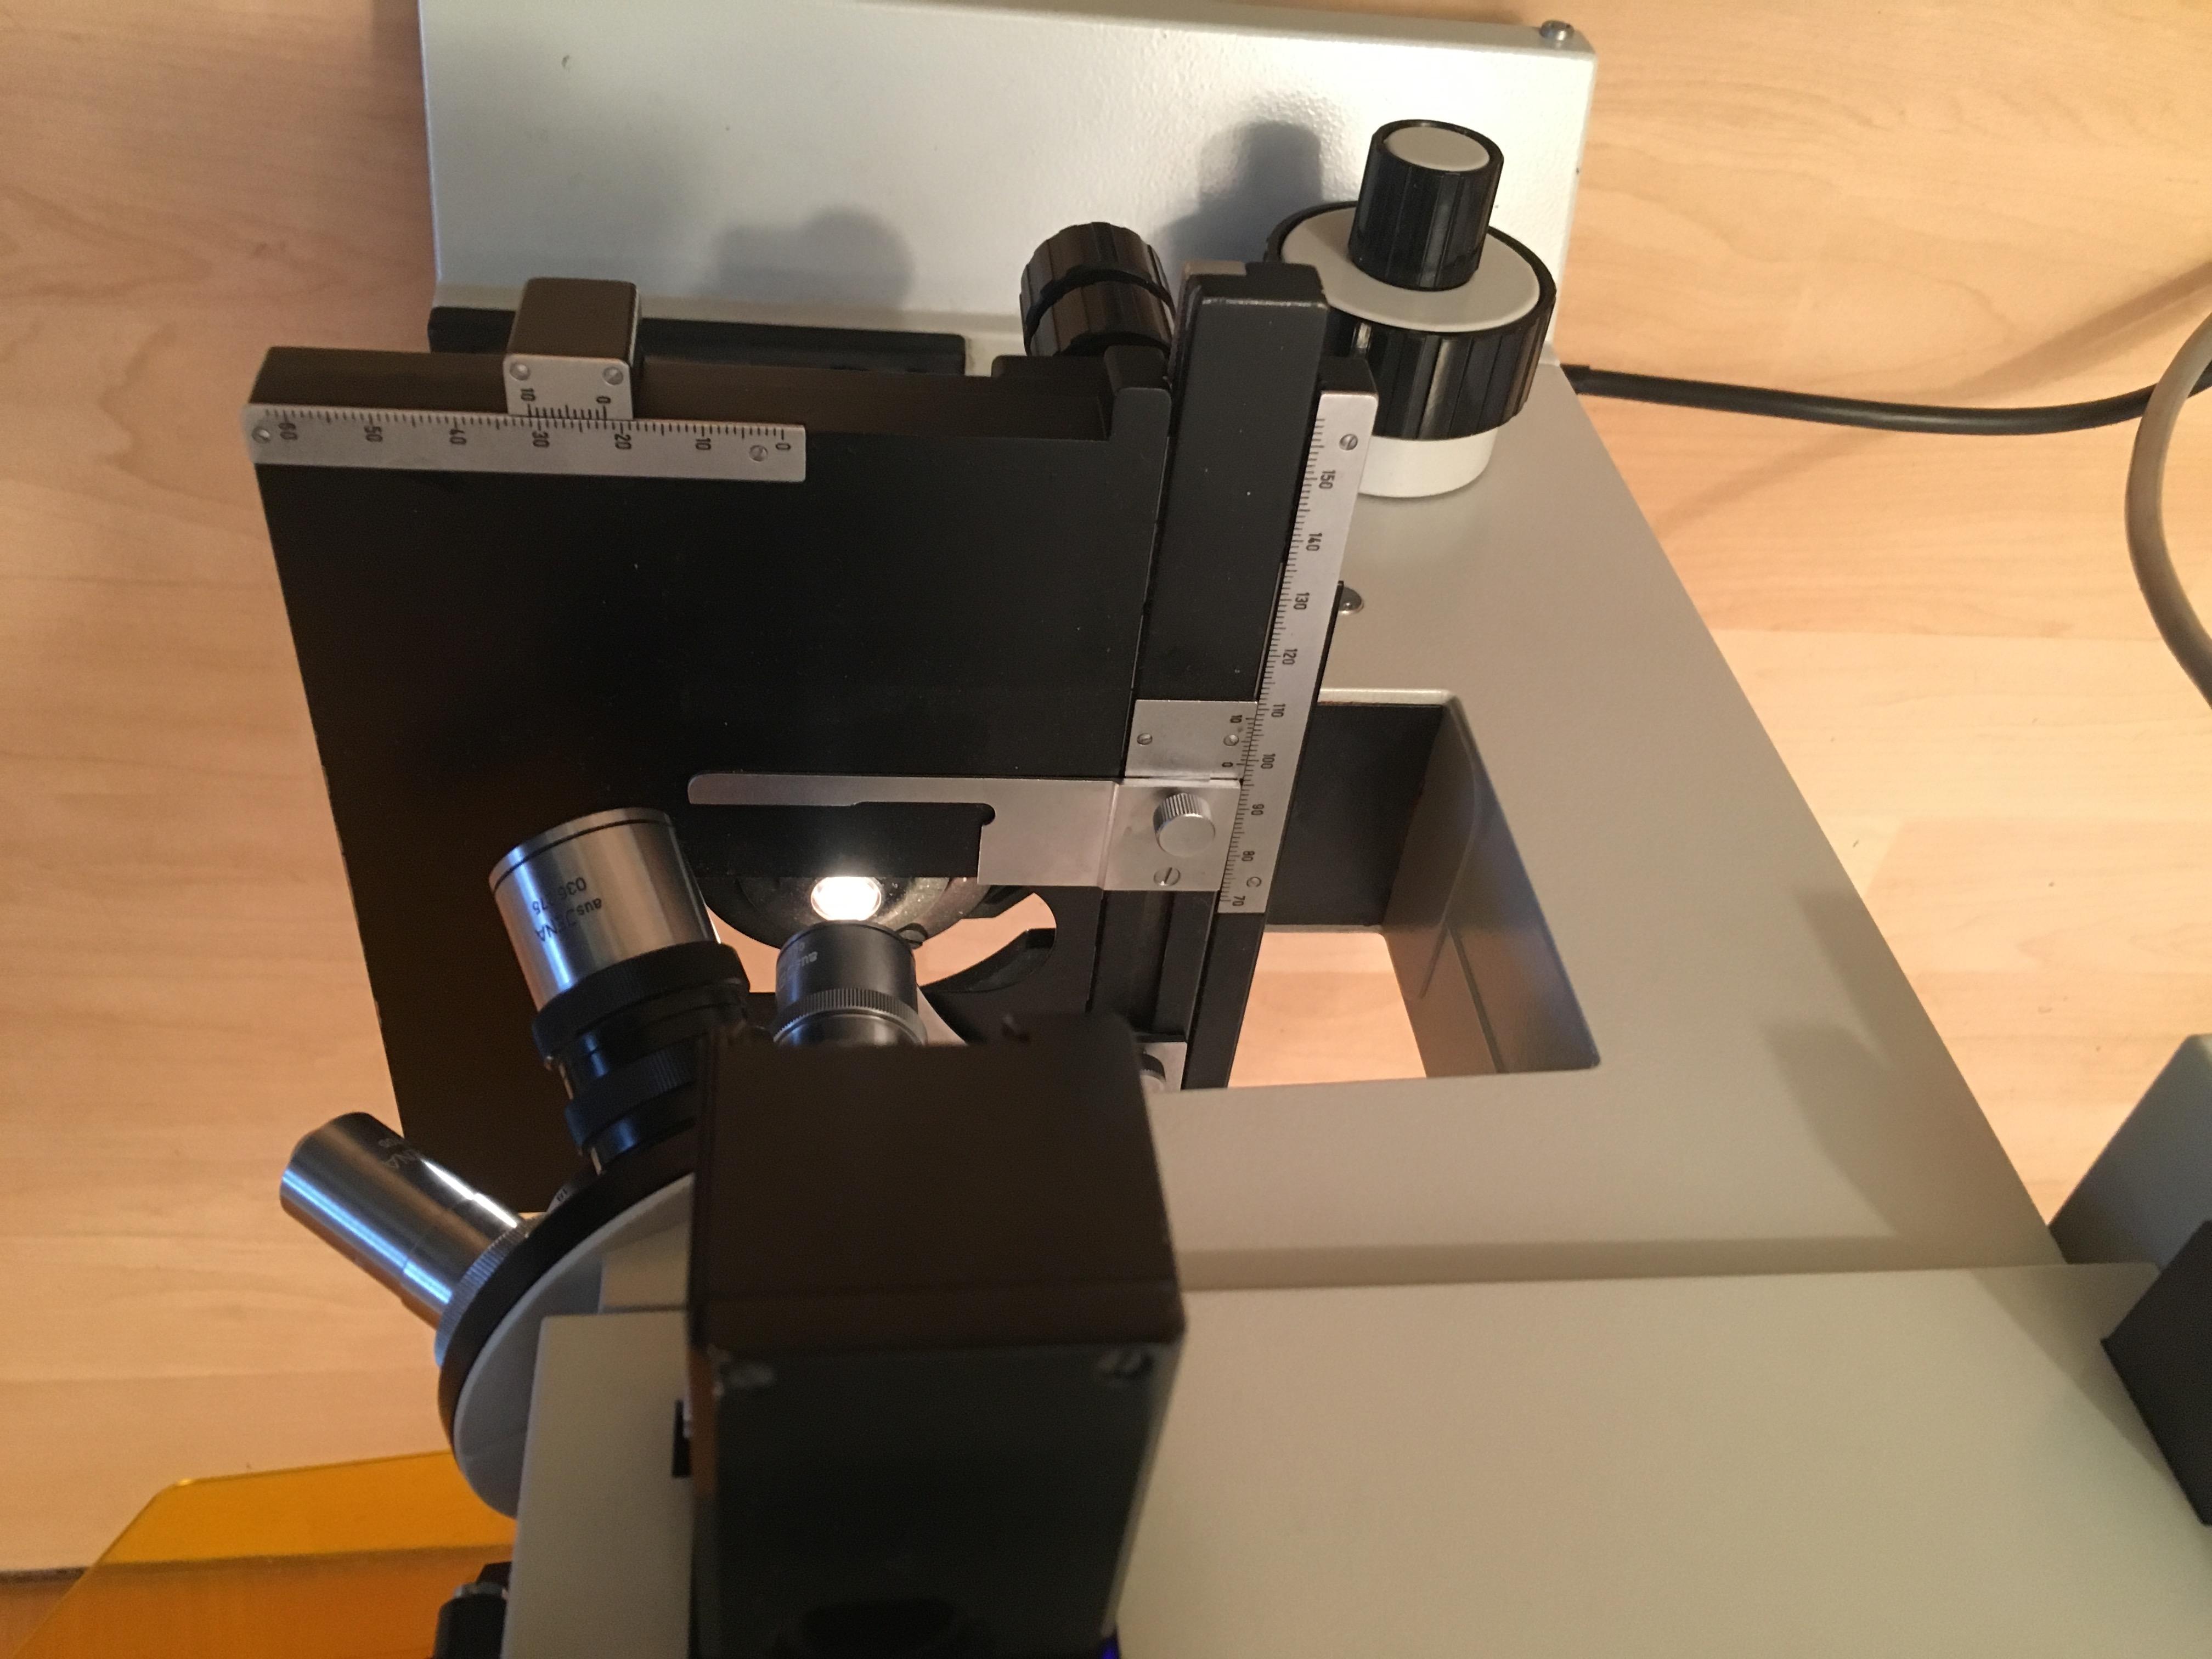 Welches zeiss fluoreszenz mikroskop ist das?